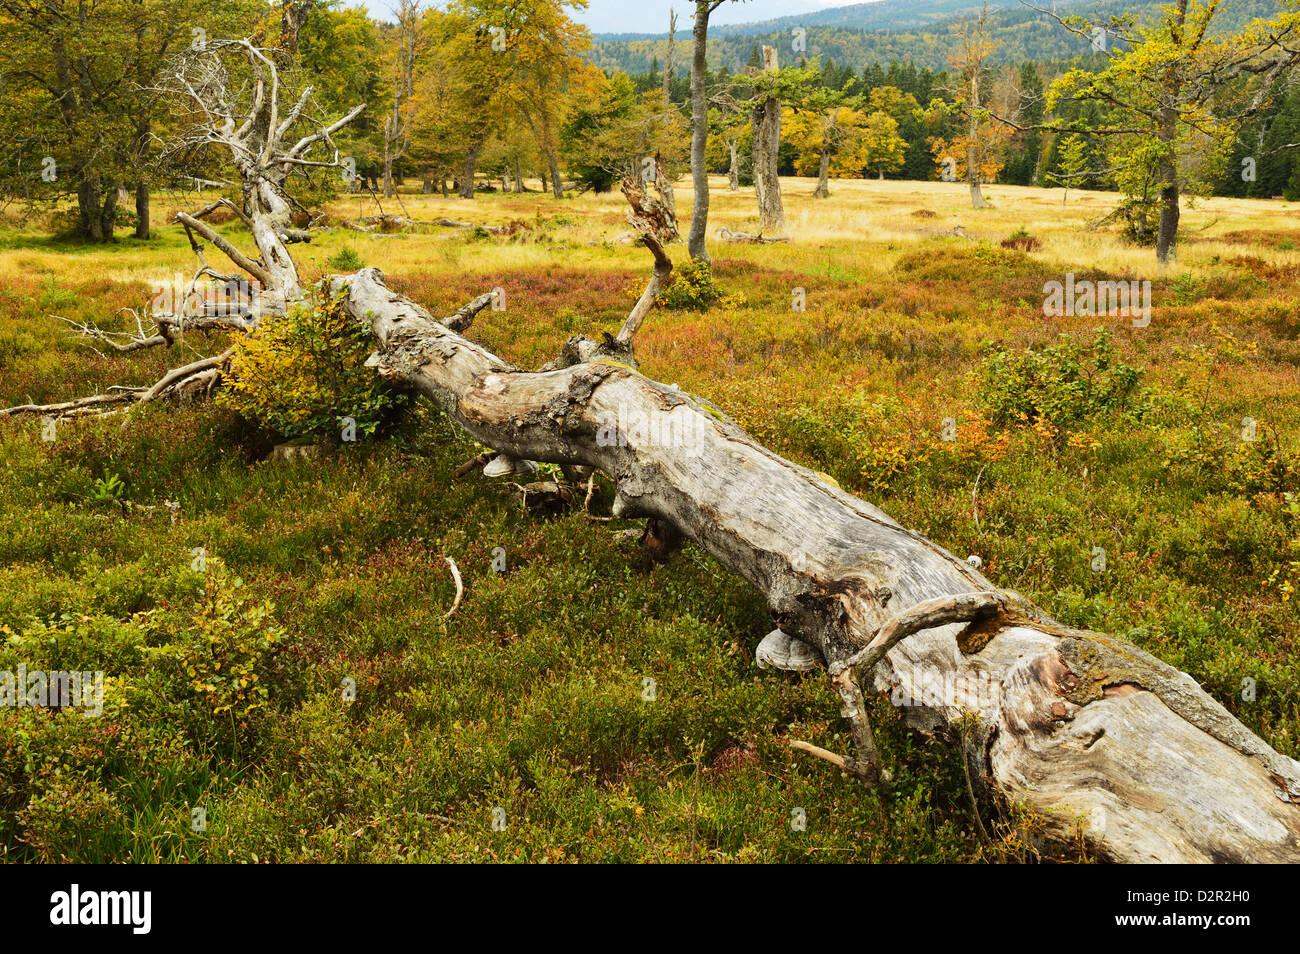 Pature con colores de otoño, el Parque Nacional del Bosque Bávaro, el Bosque Bávaro, Baviera, Alemania, Imagen De Stock